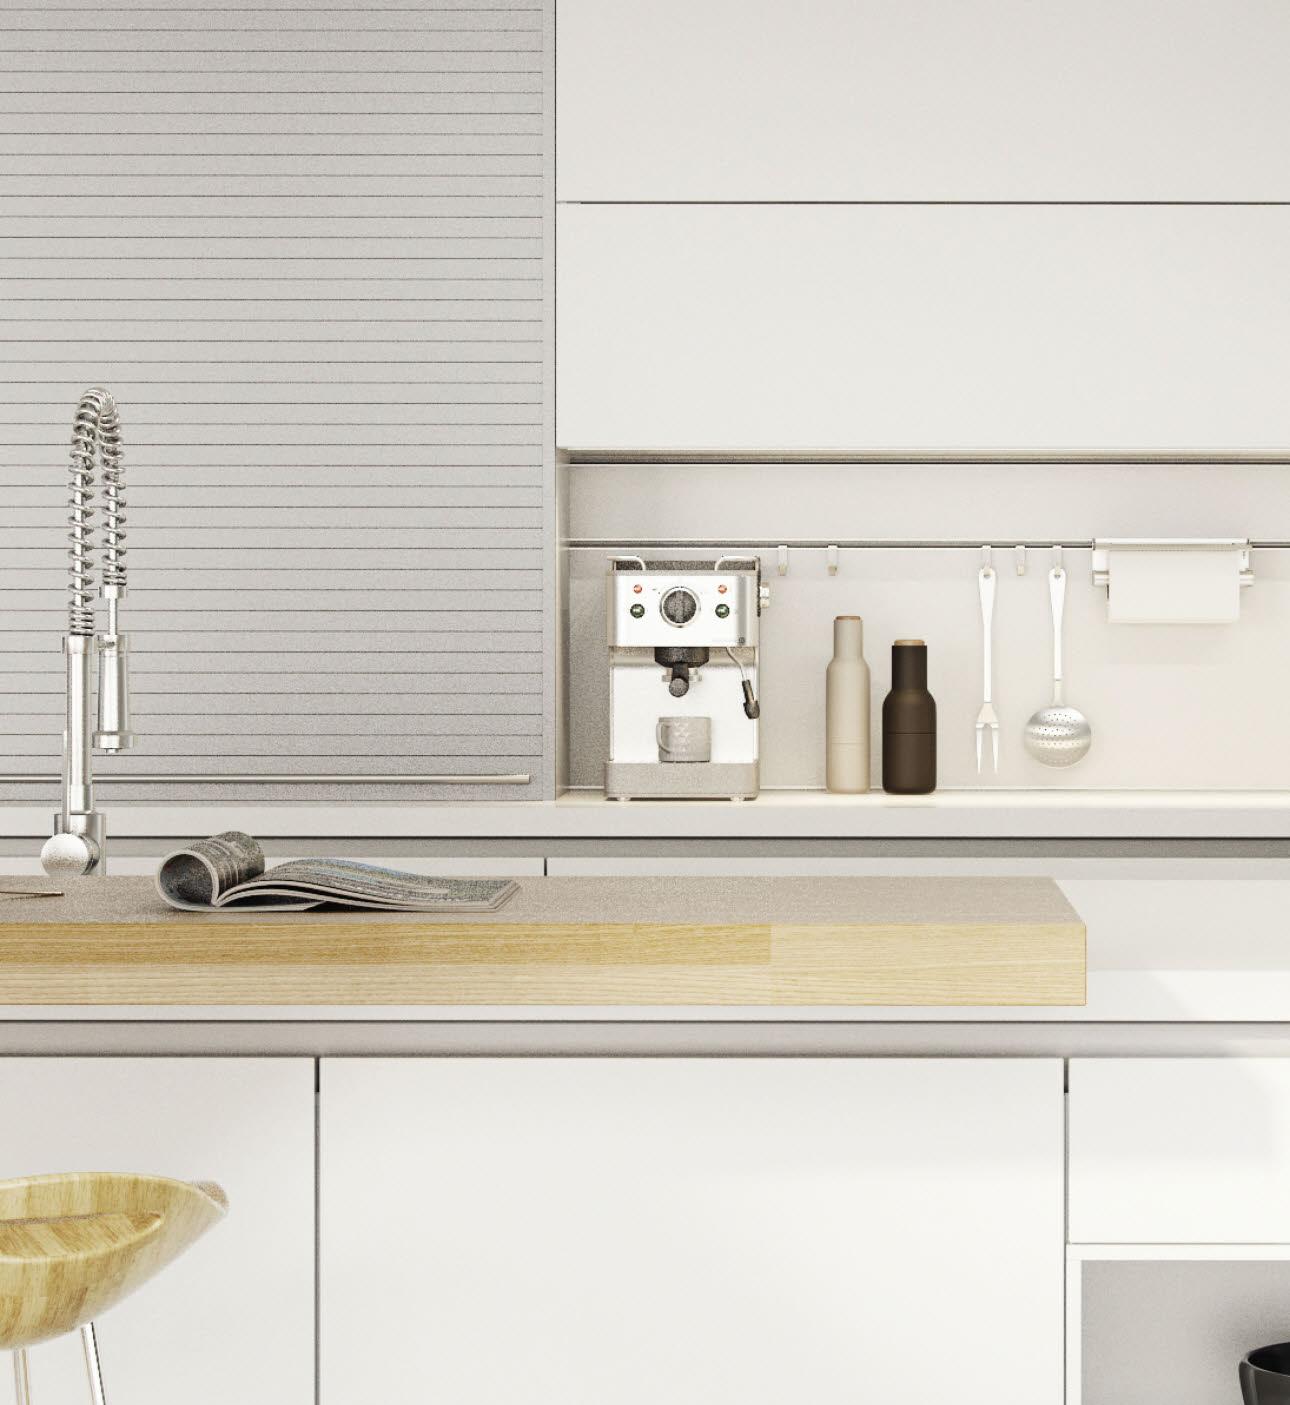 vida geradliniges k chendesign ewe. Black Bedroom Furniture Sets. Home Design Ideas